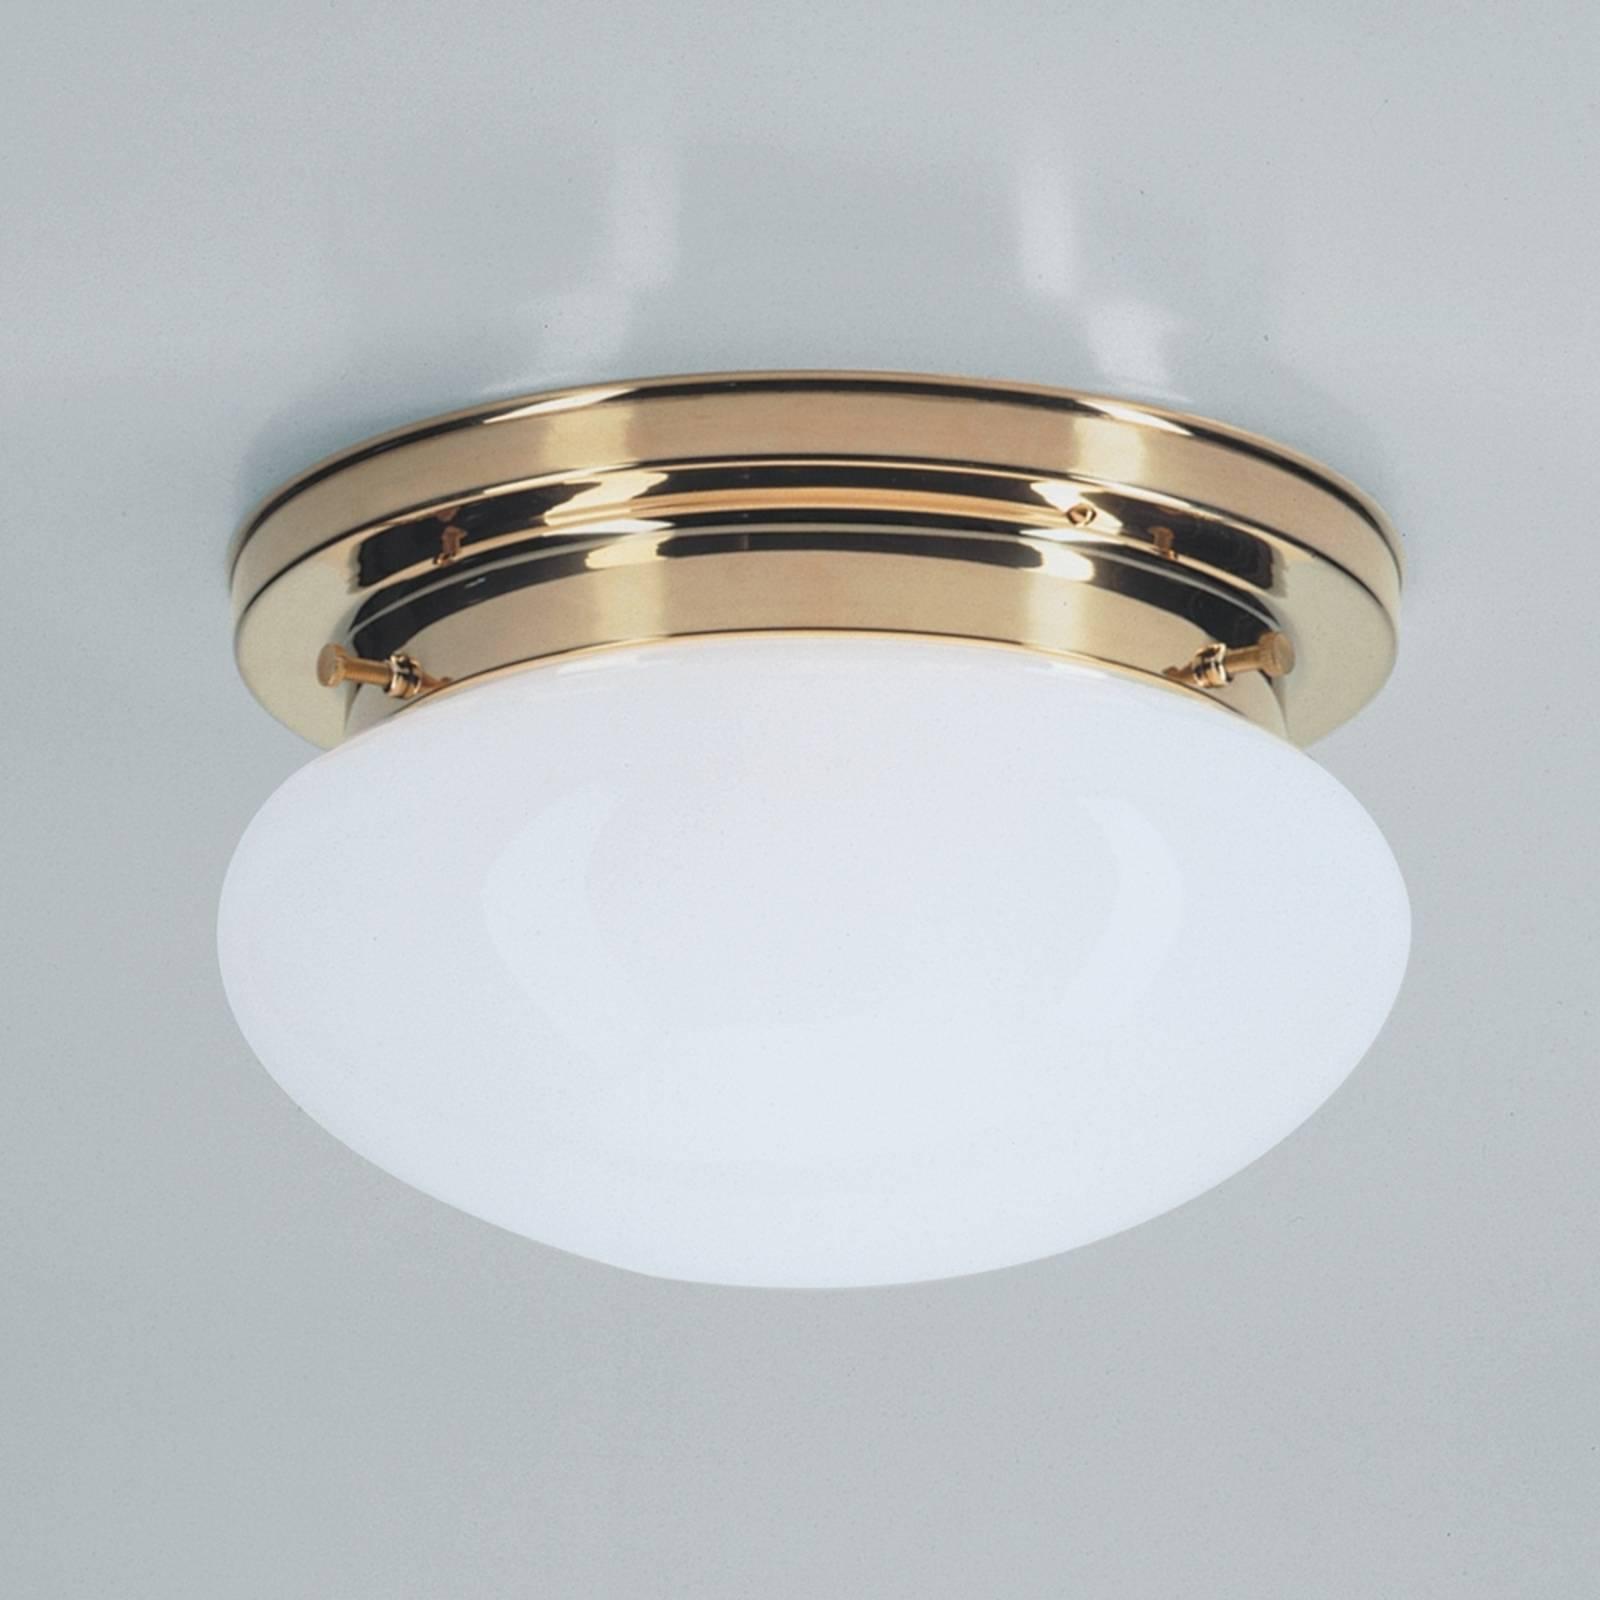 Lampa sufitowa HARRY z polerowanym mosiądzem